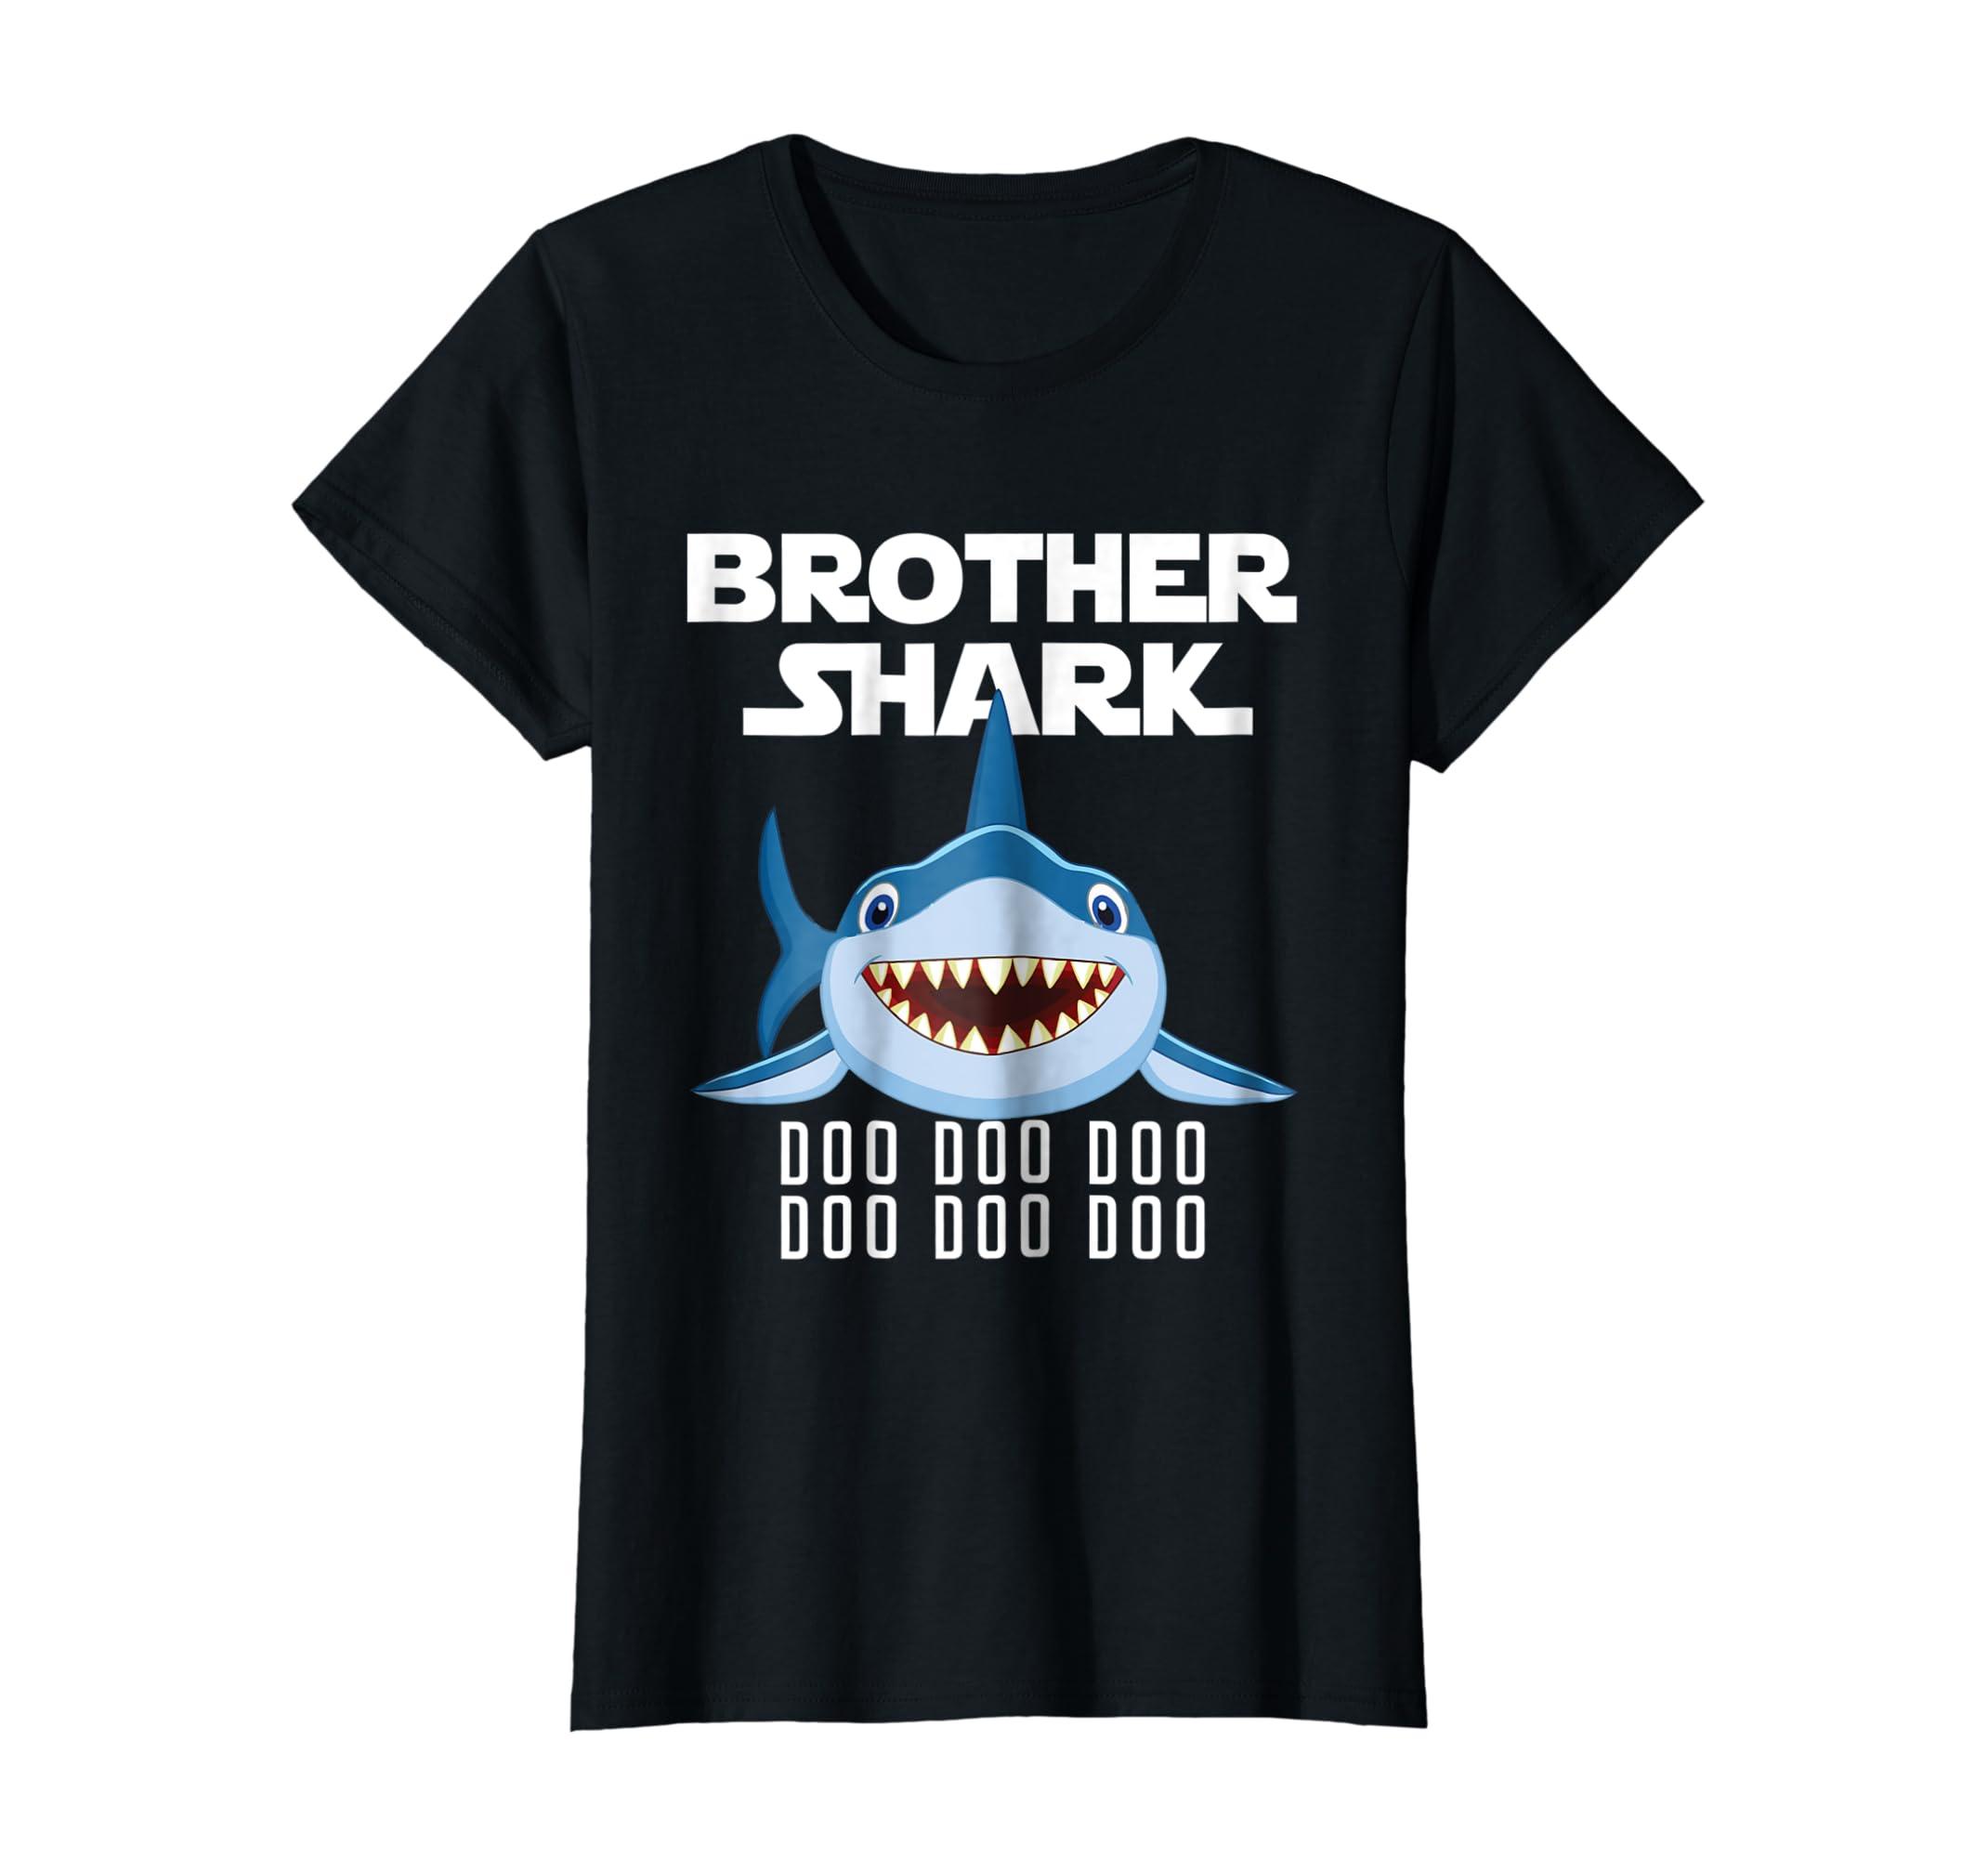 Brother Shark T-shirt Doo Doo Doo – Father's Day Gift Tee-Newstyleth